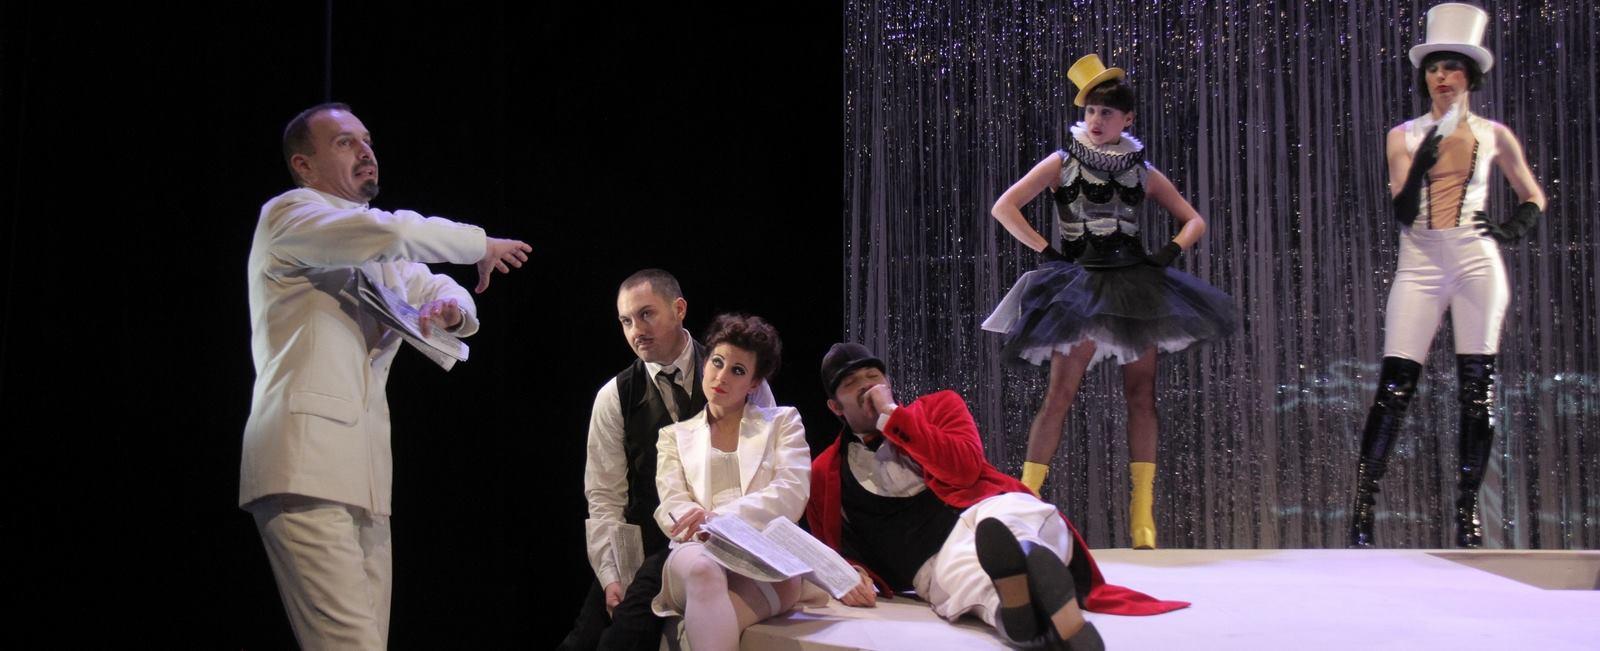 FOTO: CABARET D'ANNUNZIO Novi projekt ansambla Talijanske drame o životu kontroverzne povijesne figure